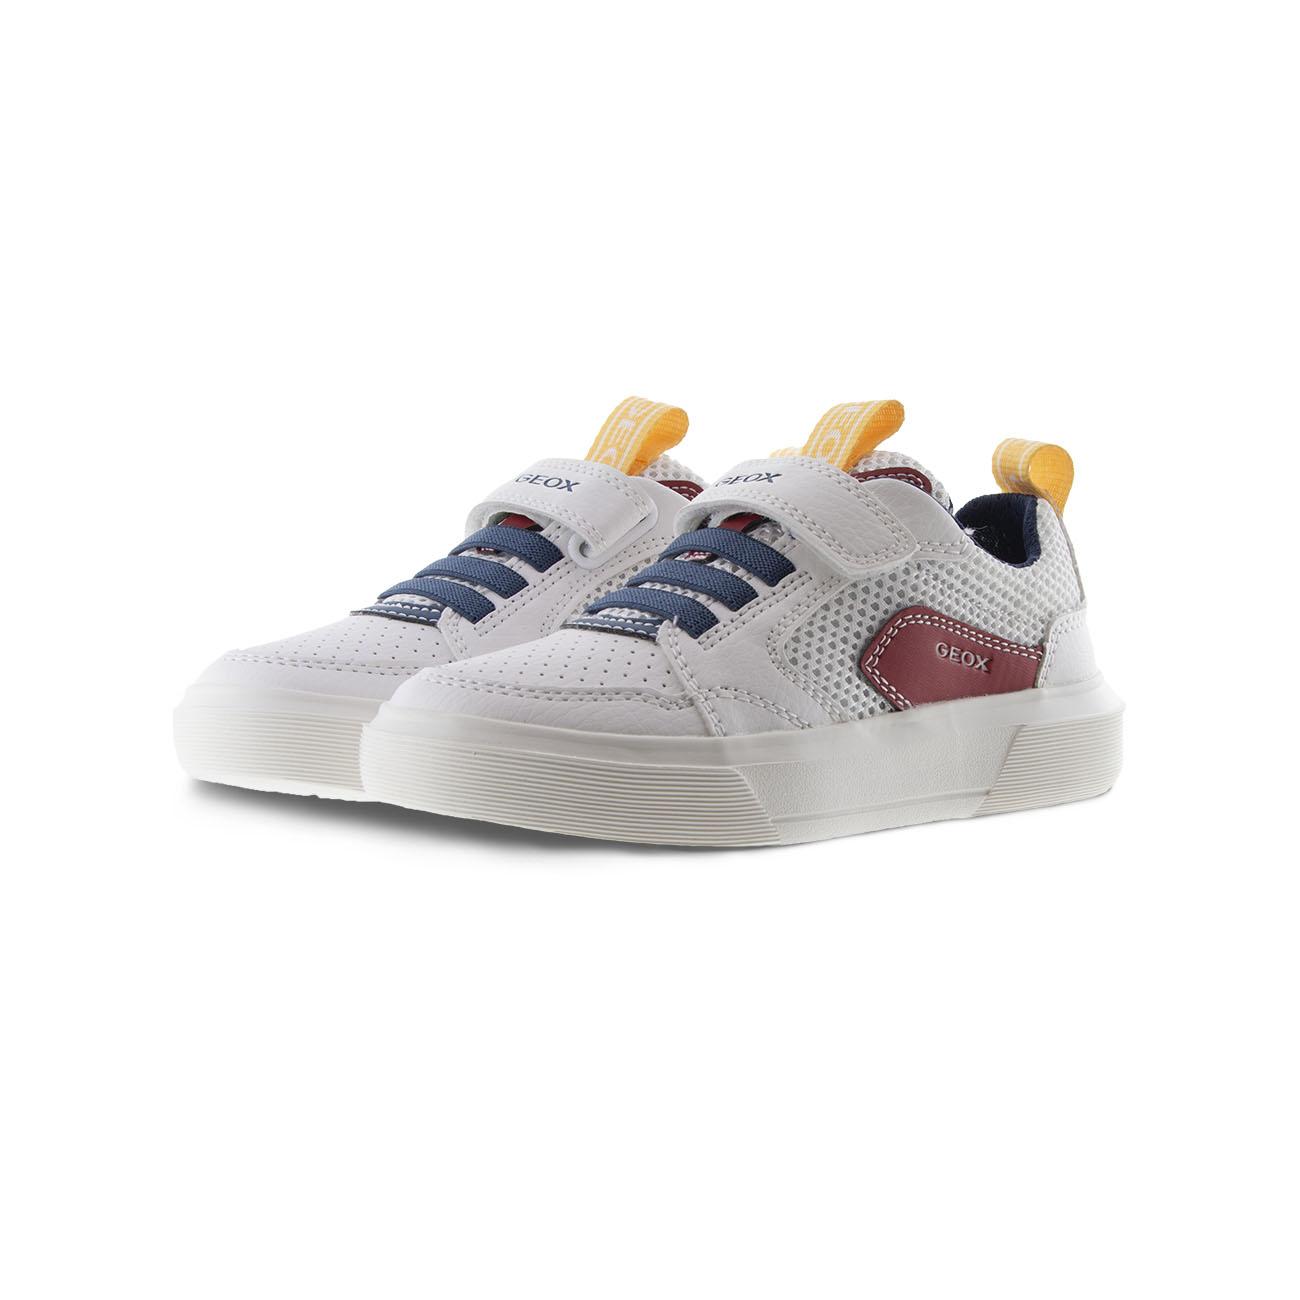 Αγόρι Sneaker άσπρο αυτοκόλλητο Geox J02ΑWC 014ΒU C0050